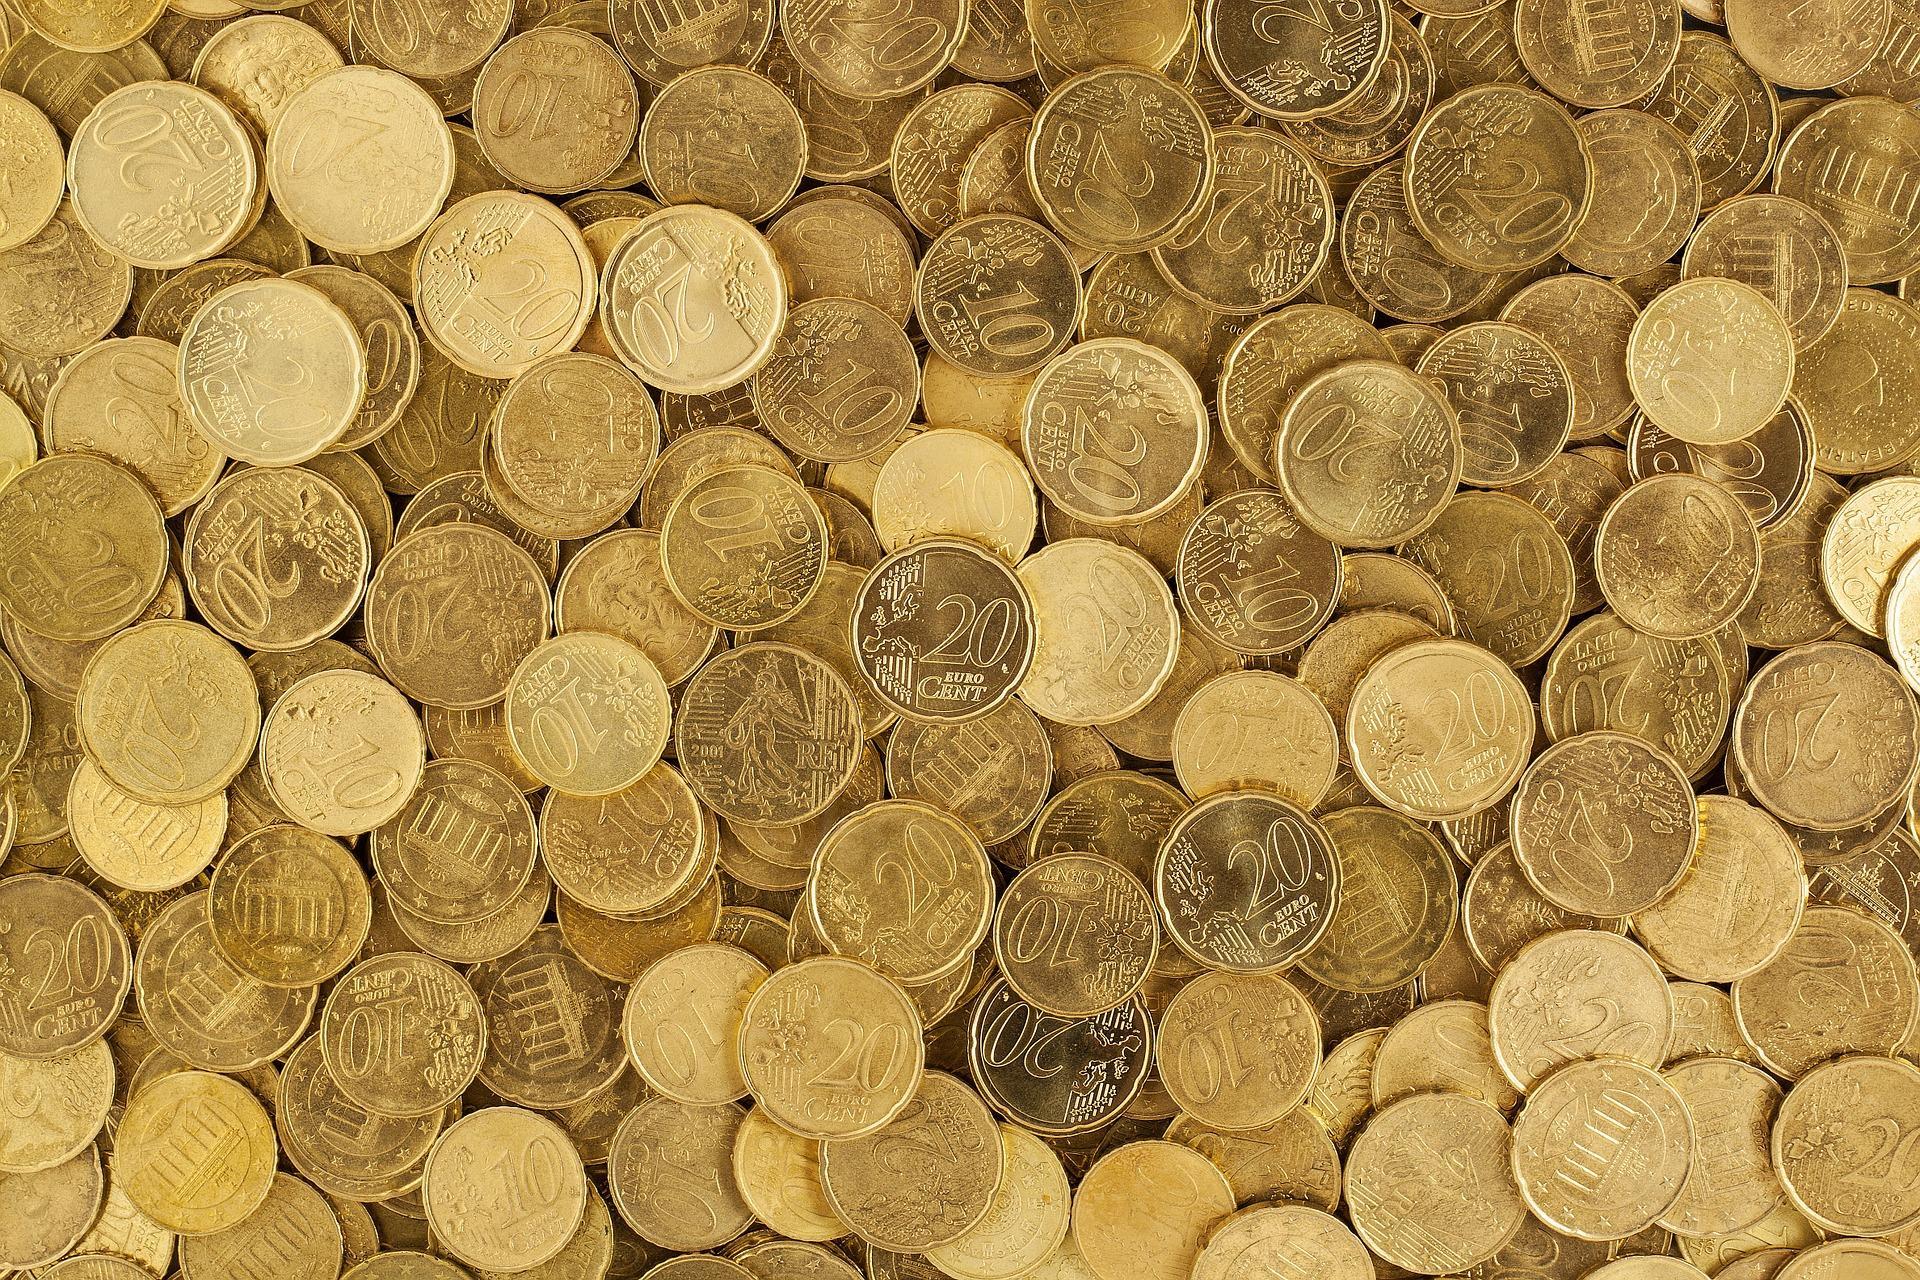 Aufhebung der Investitionszulage - und die Ablaufhemmung wegen Betriebsprüfung